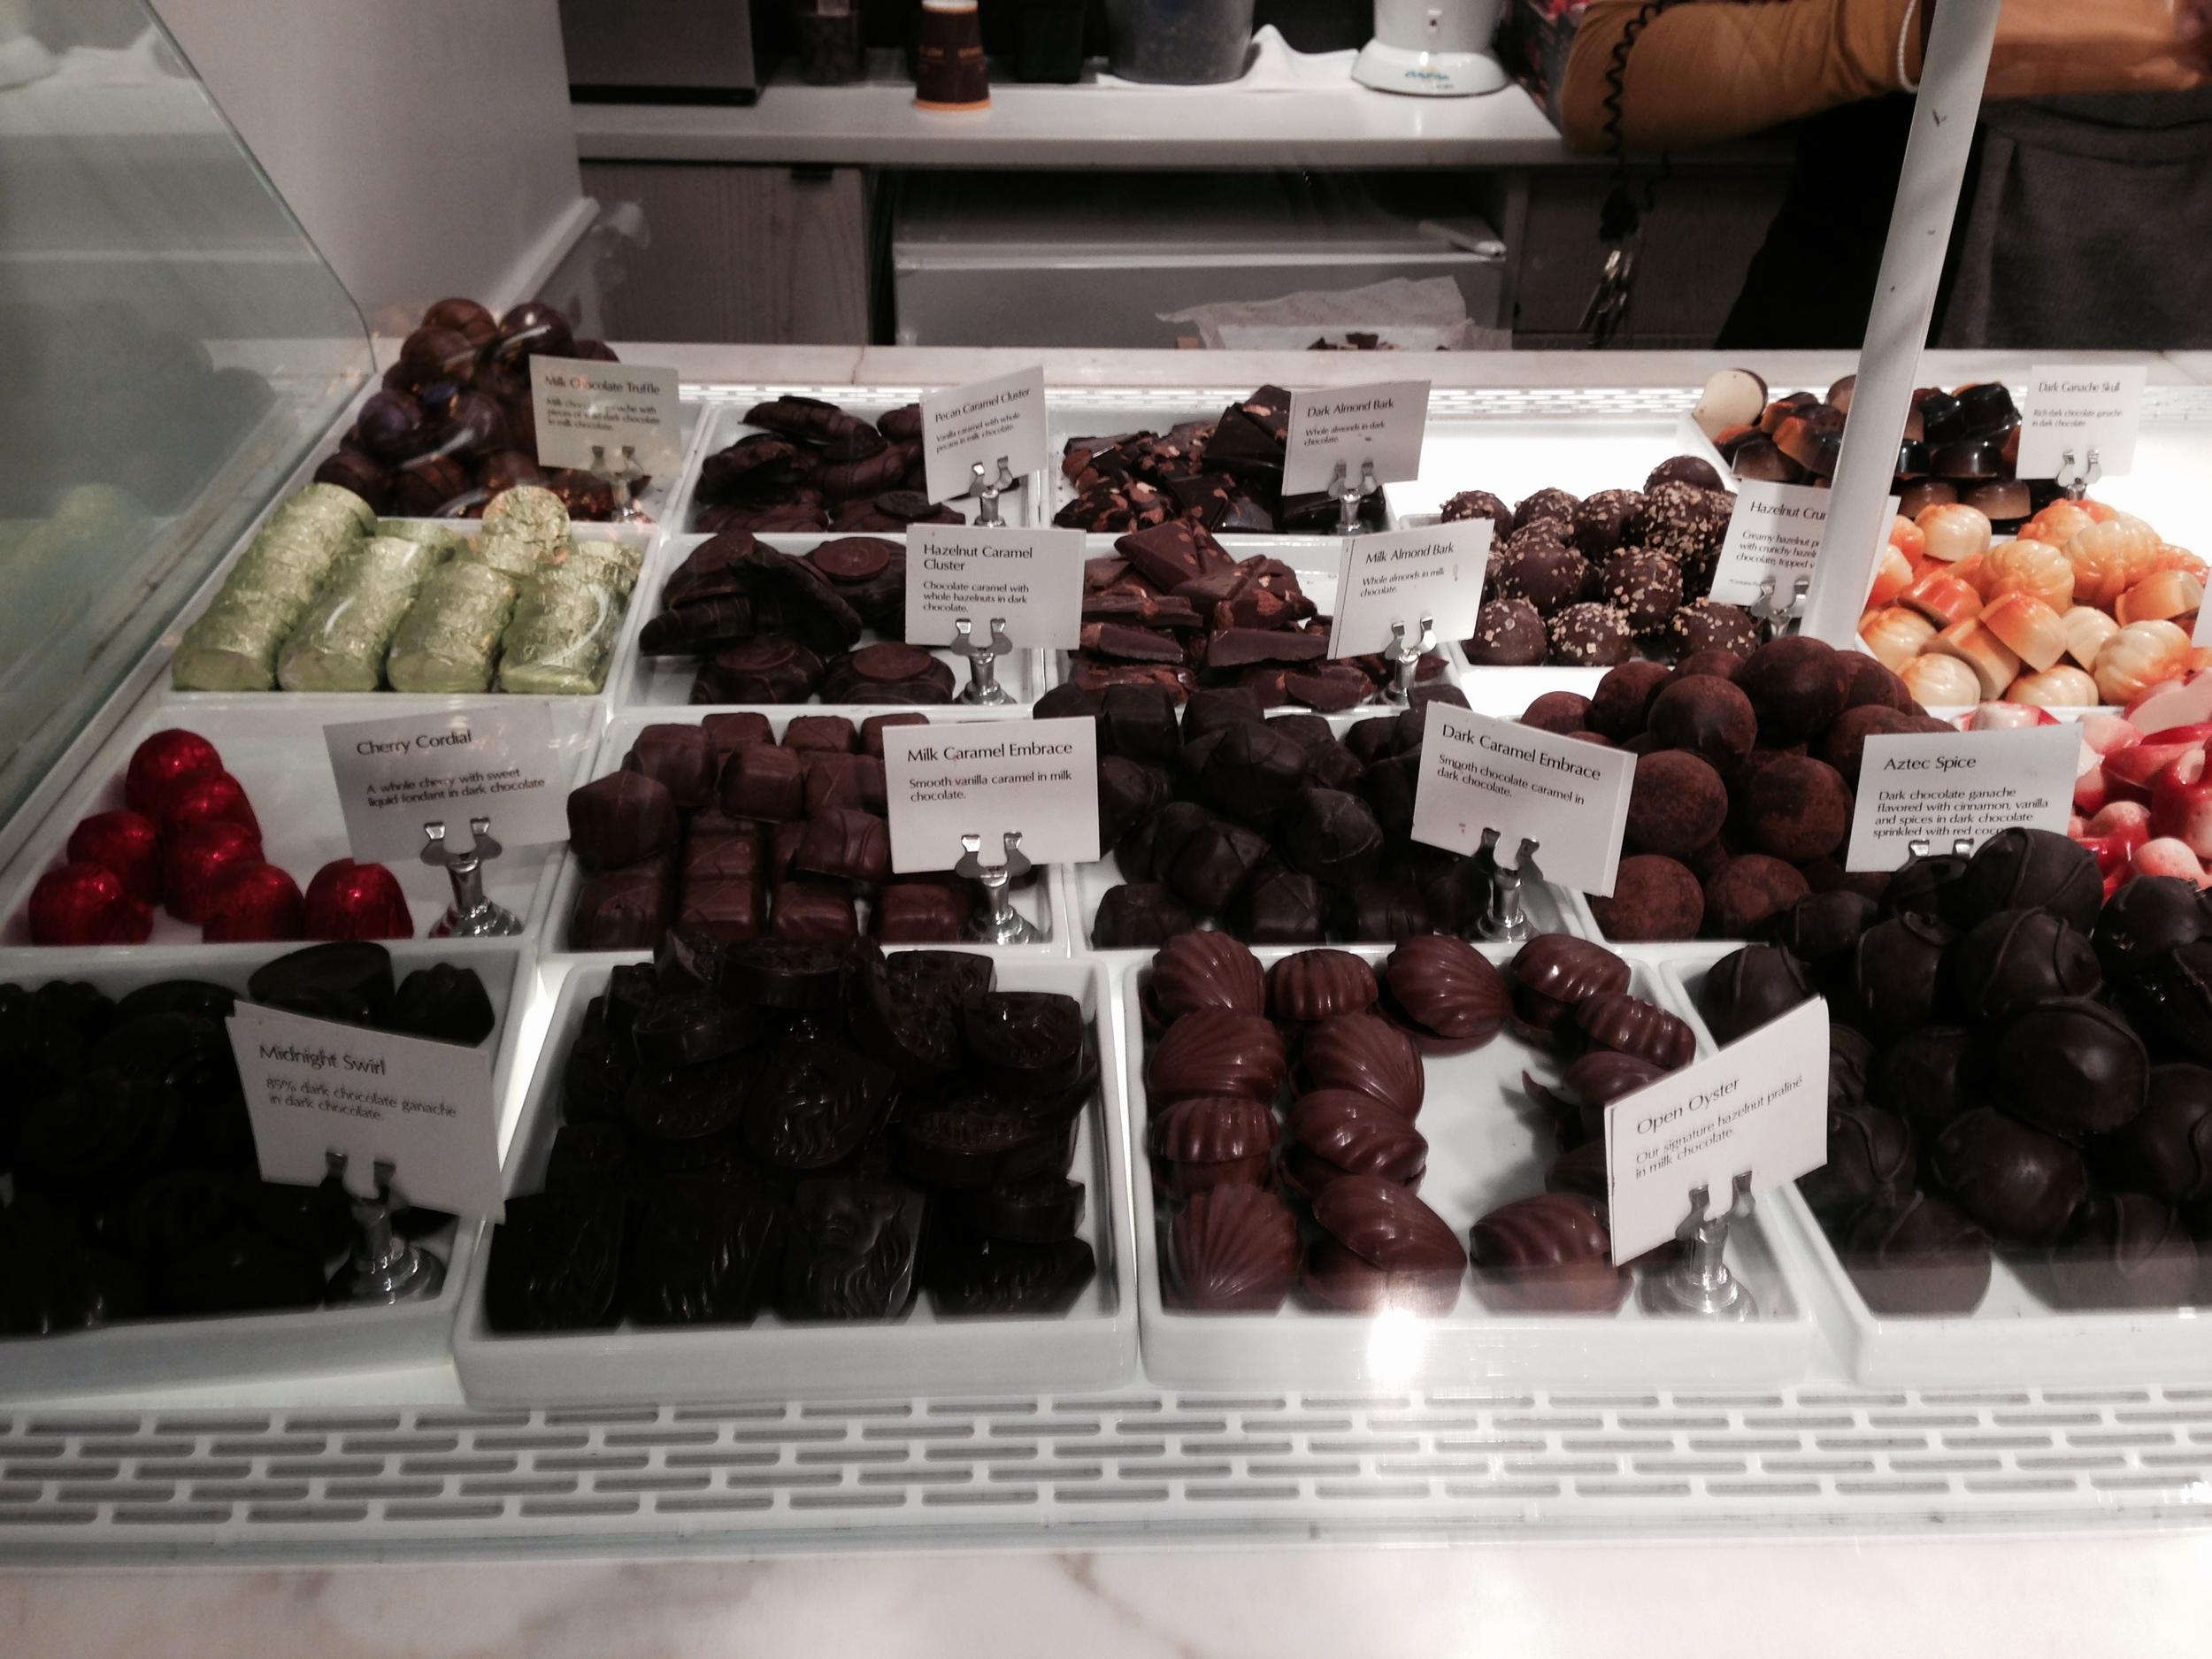 Godiva's Chocolate counter